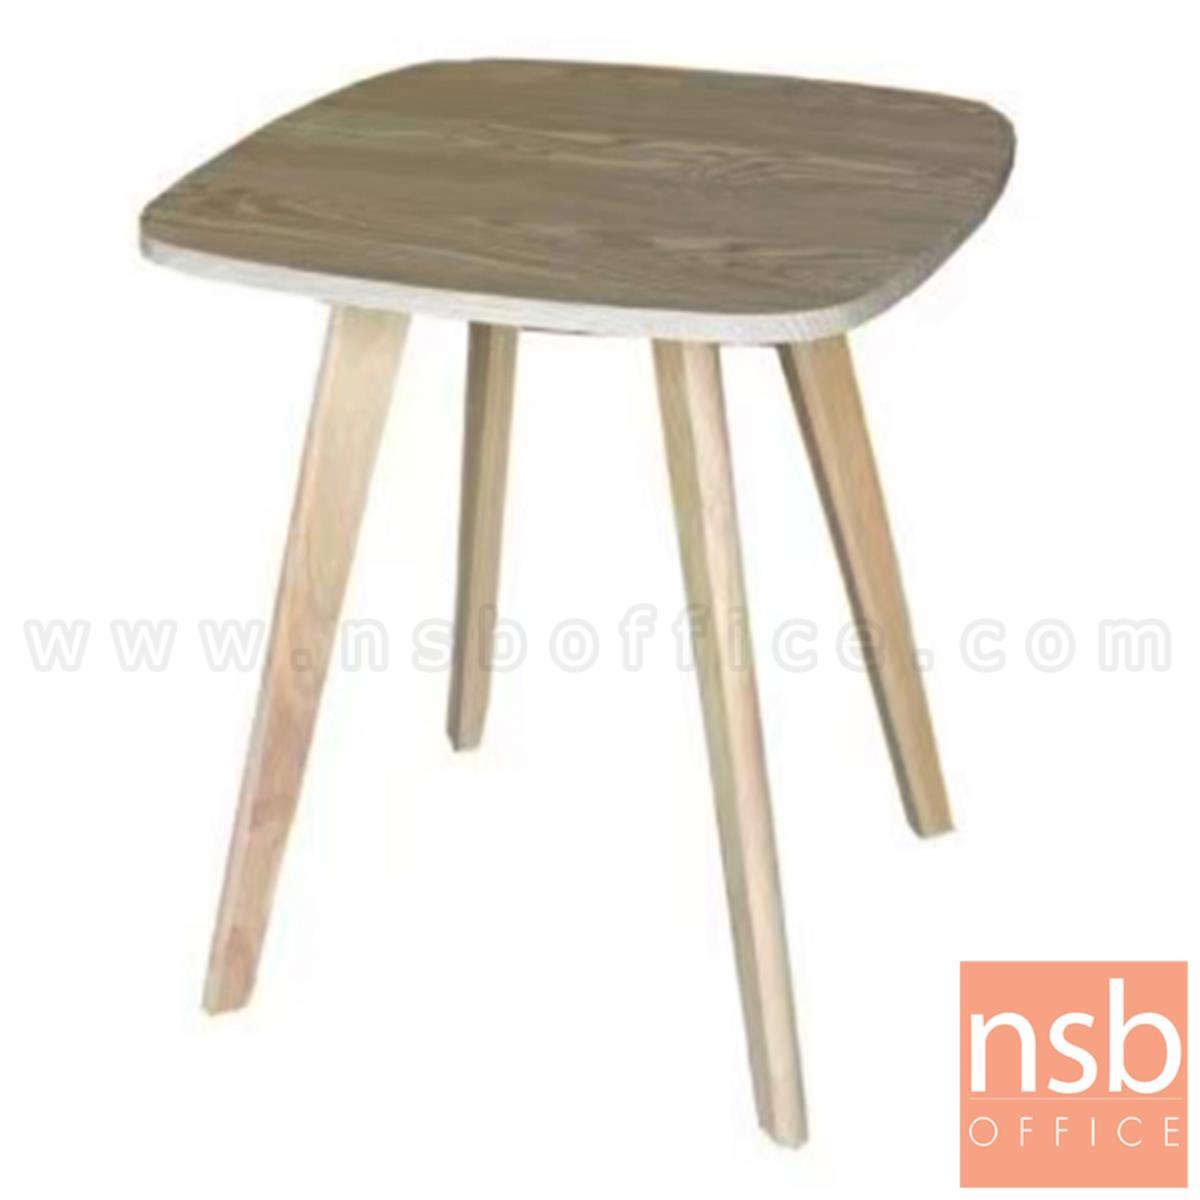 โต๊ะกลางไม้ รุ่น Benviar (เบนเวียร์) ขนาด 53H cm. ขาไม้